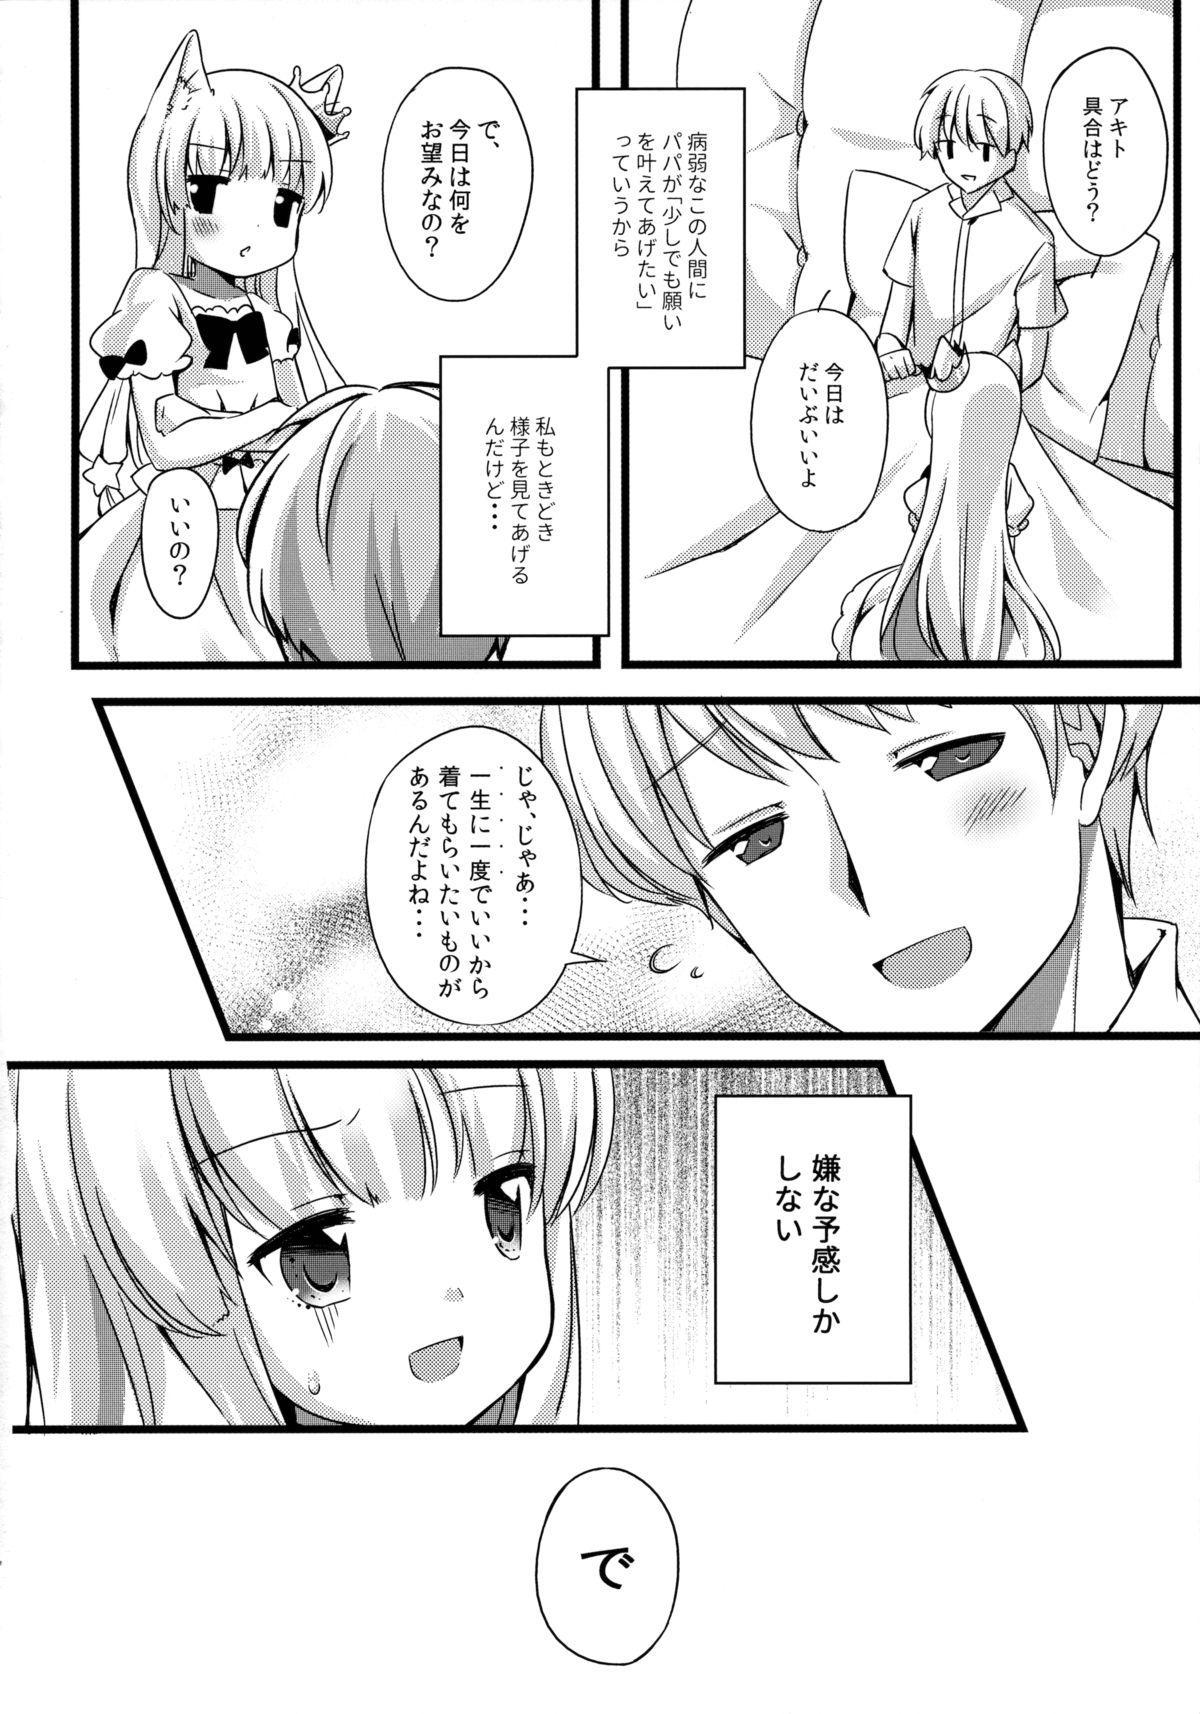 Kyou no Nyanko LoliCo 04 4